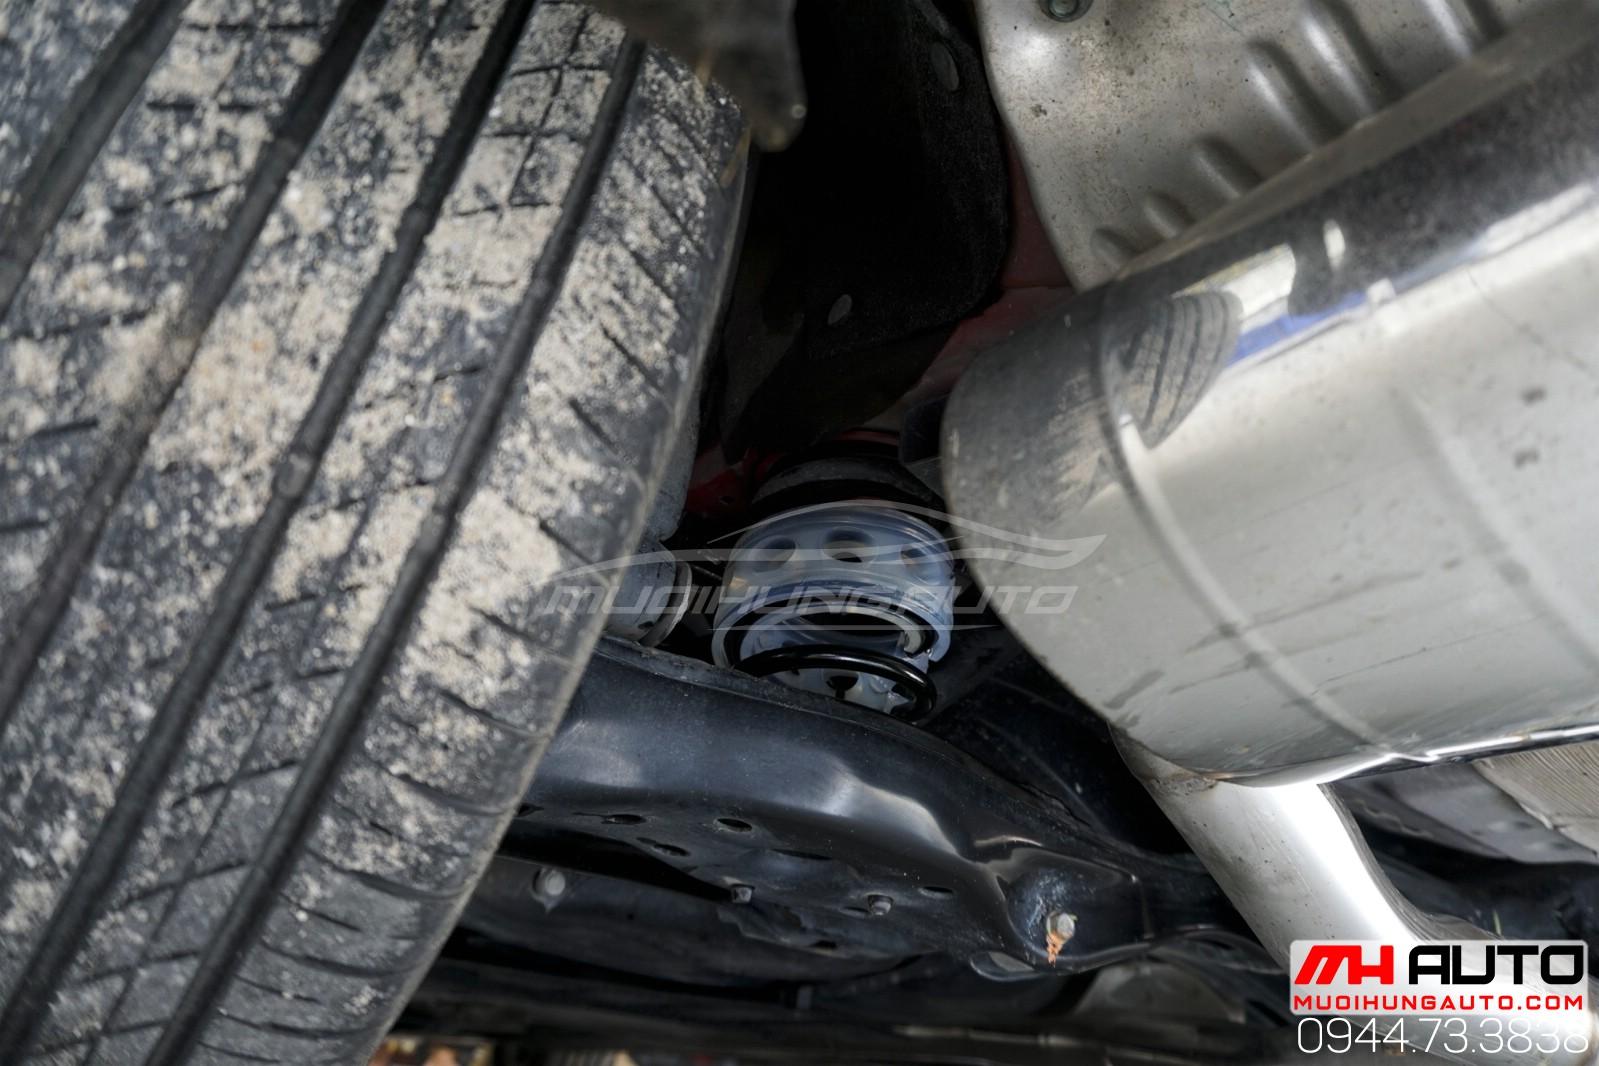 Civic lắp giảm chấn đằng sau giảm xóc hiệu quả